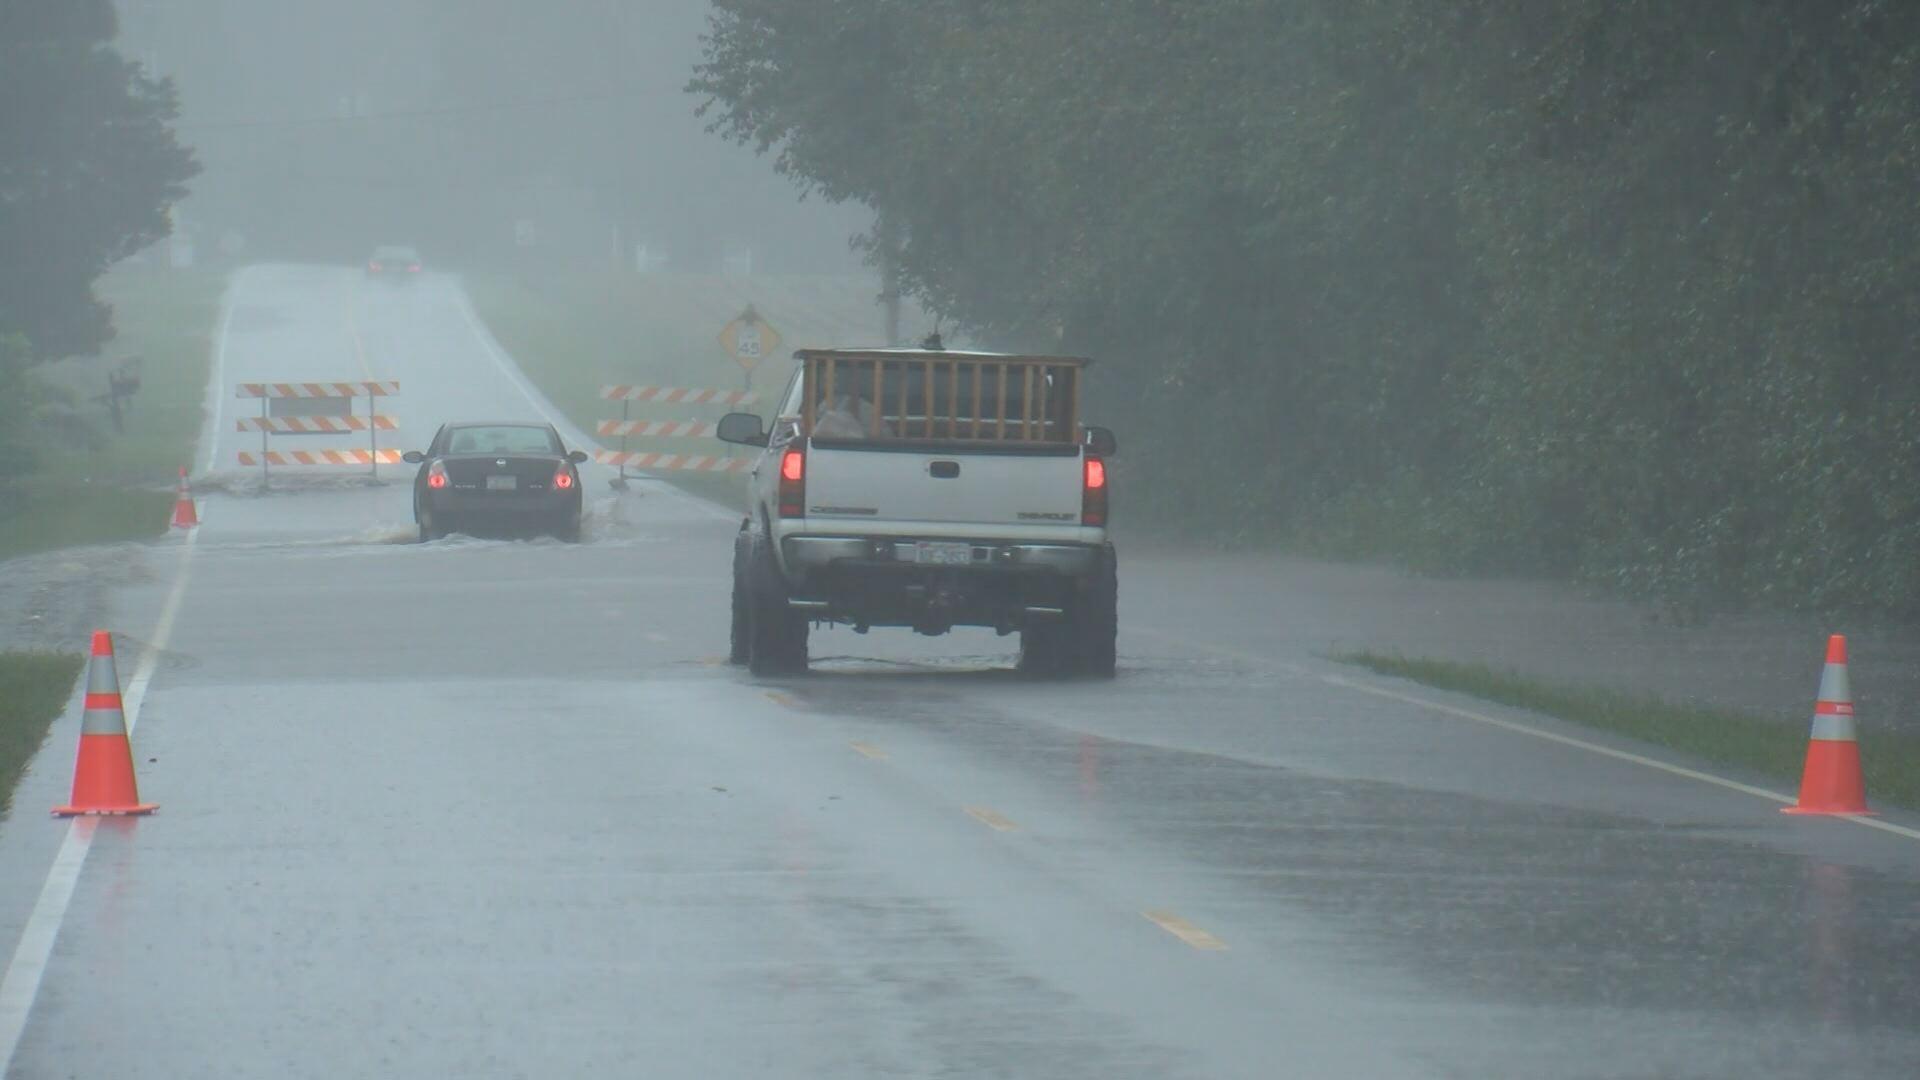 bertie-flooded-road_276088